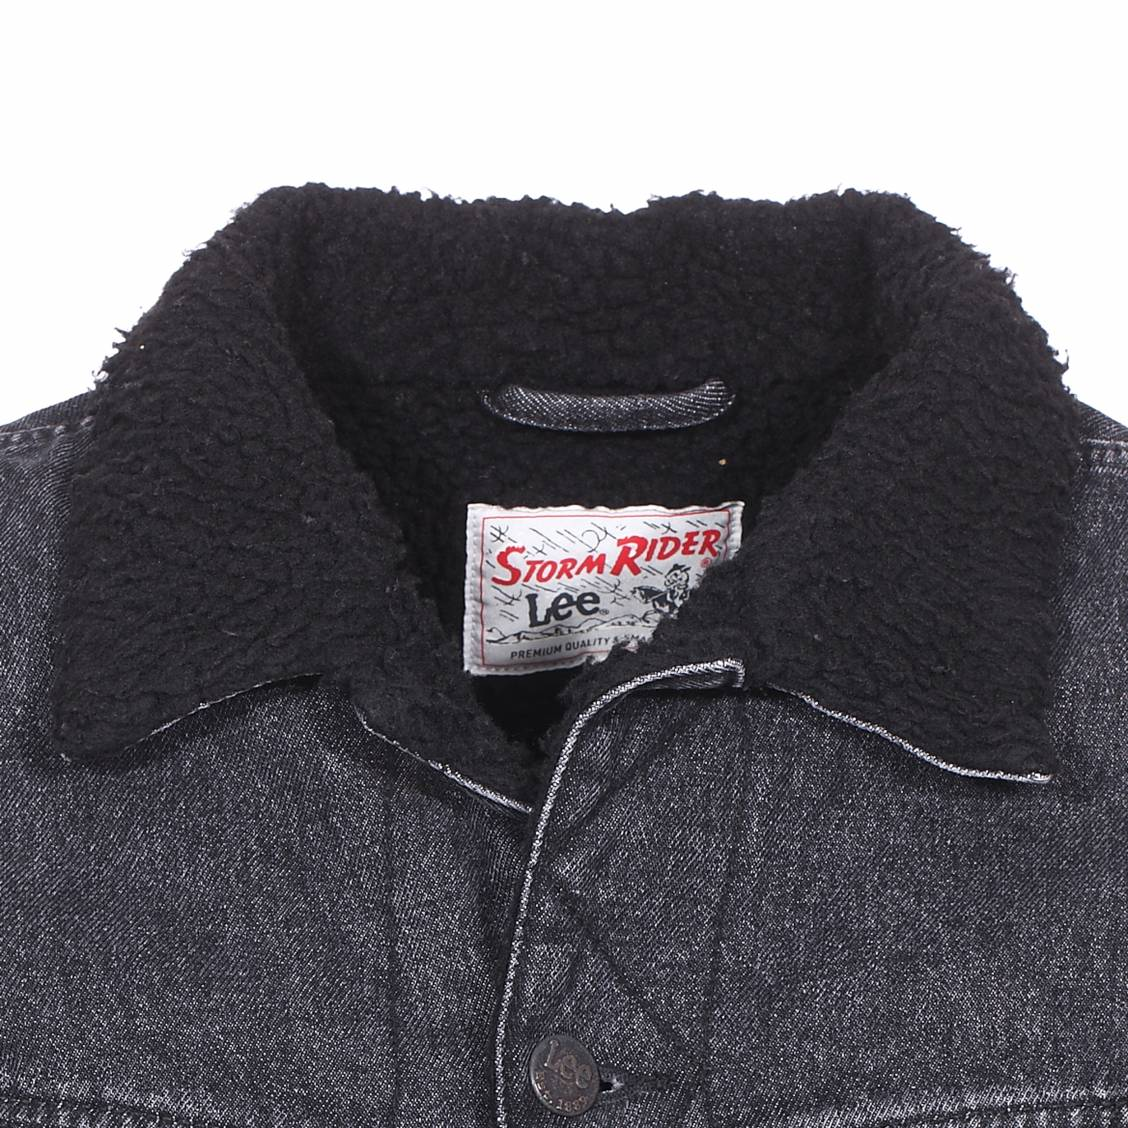 ... Veste en jean Lee Sherpa Rider en coton gris anthracite à effet délavé  ... 5cf372797e06